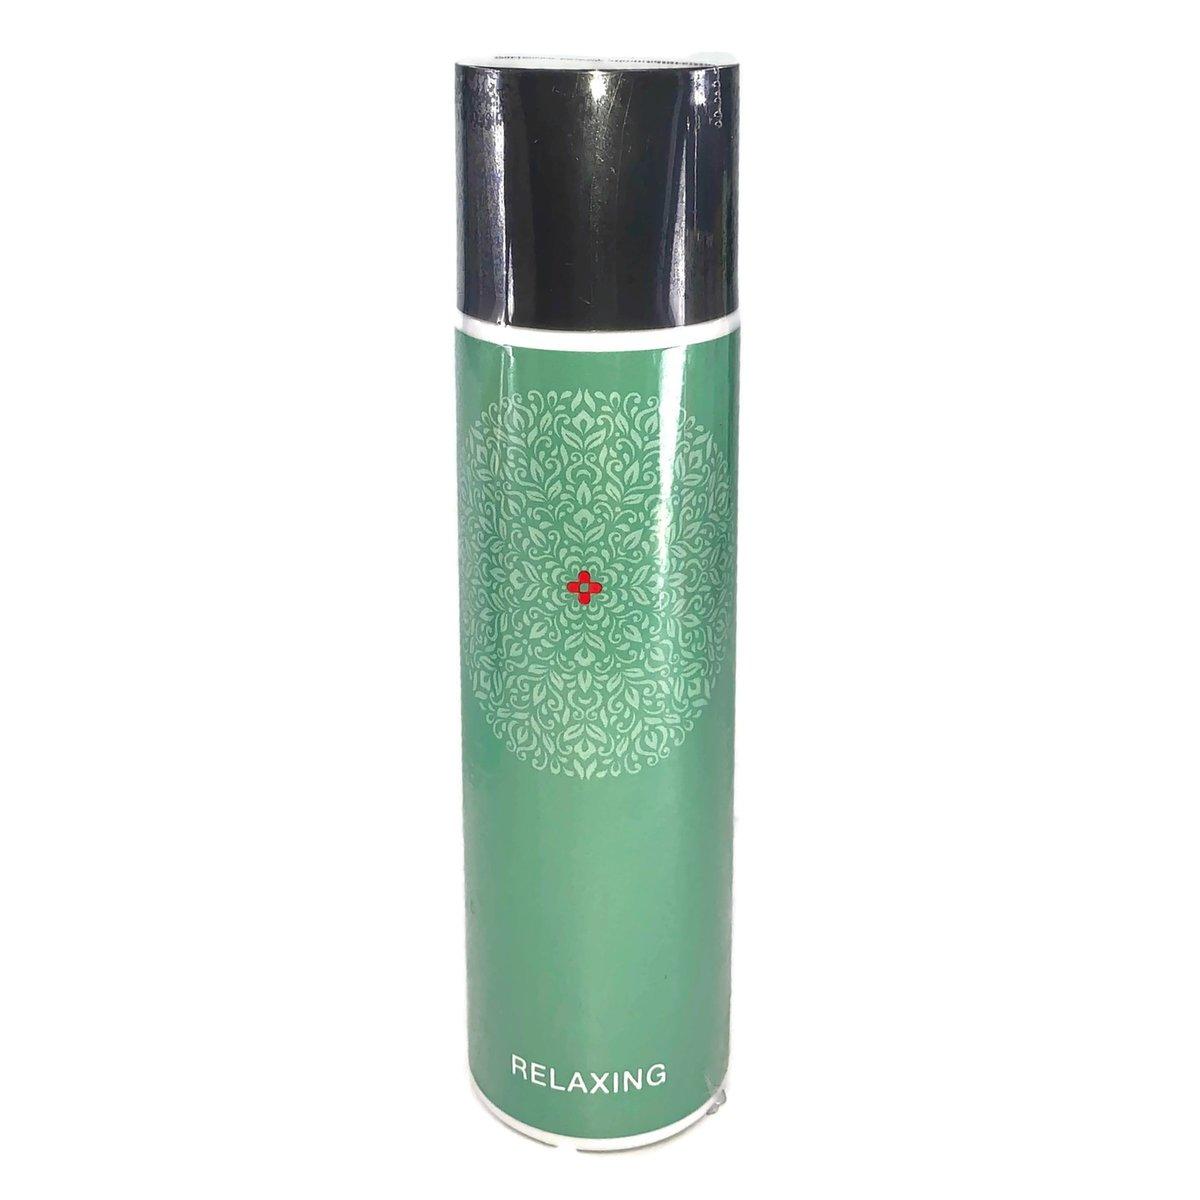 空氣淨化液 - 放鬆 - 125ml